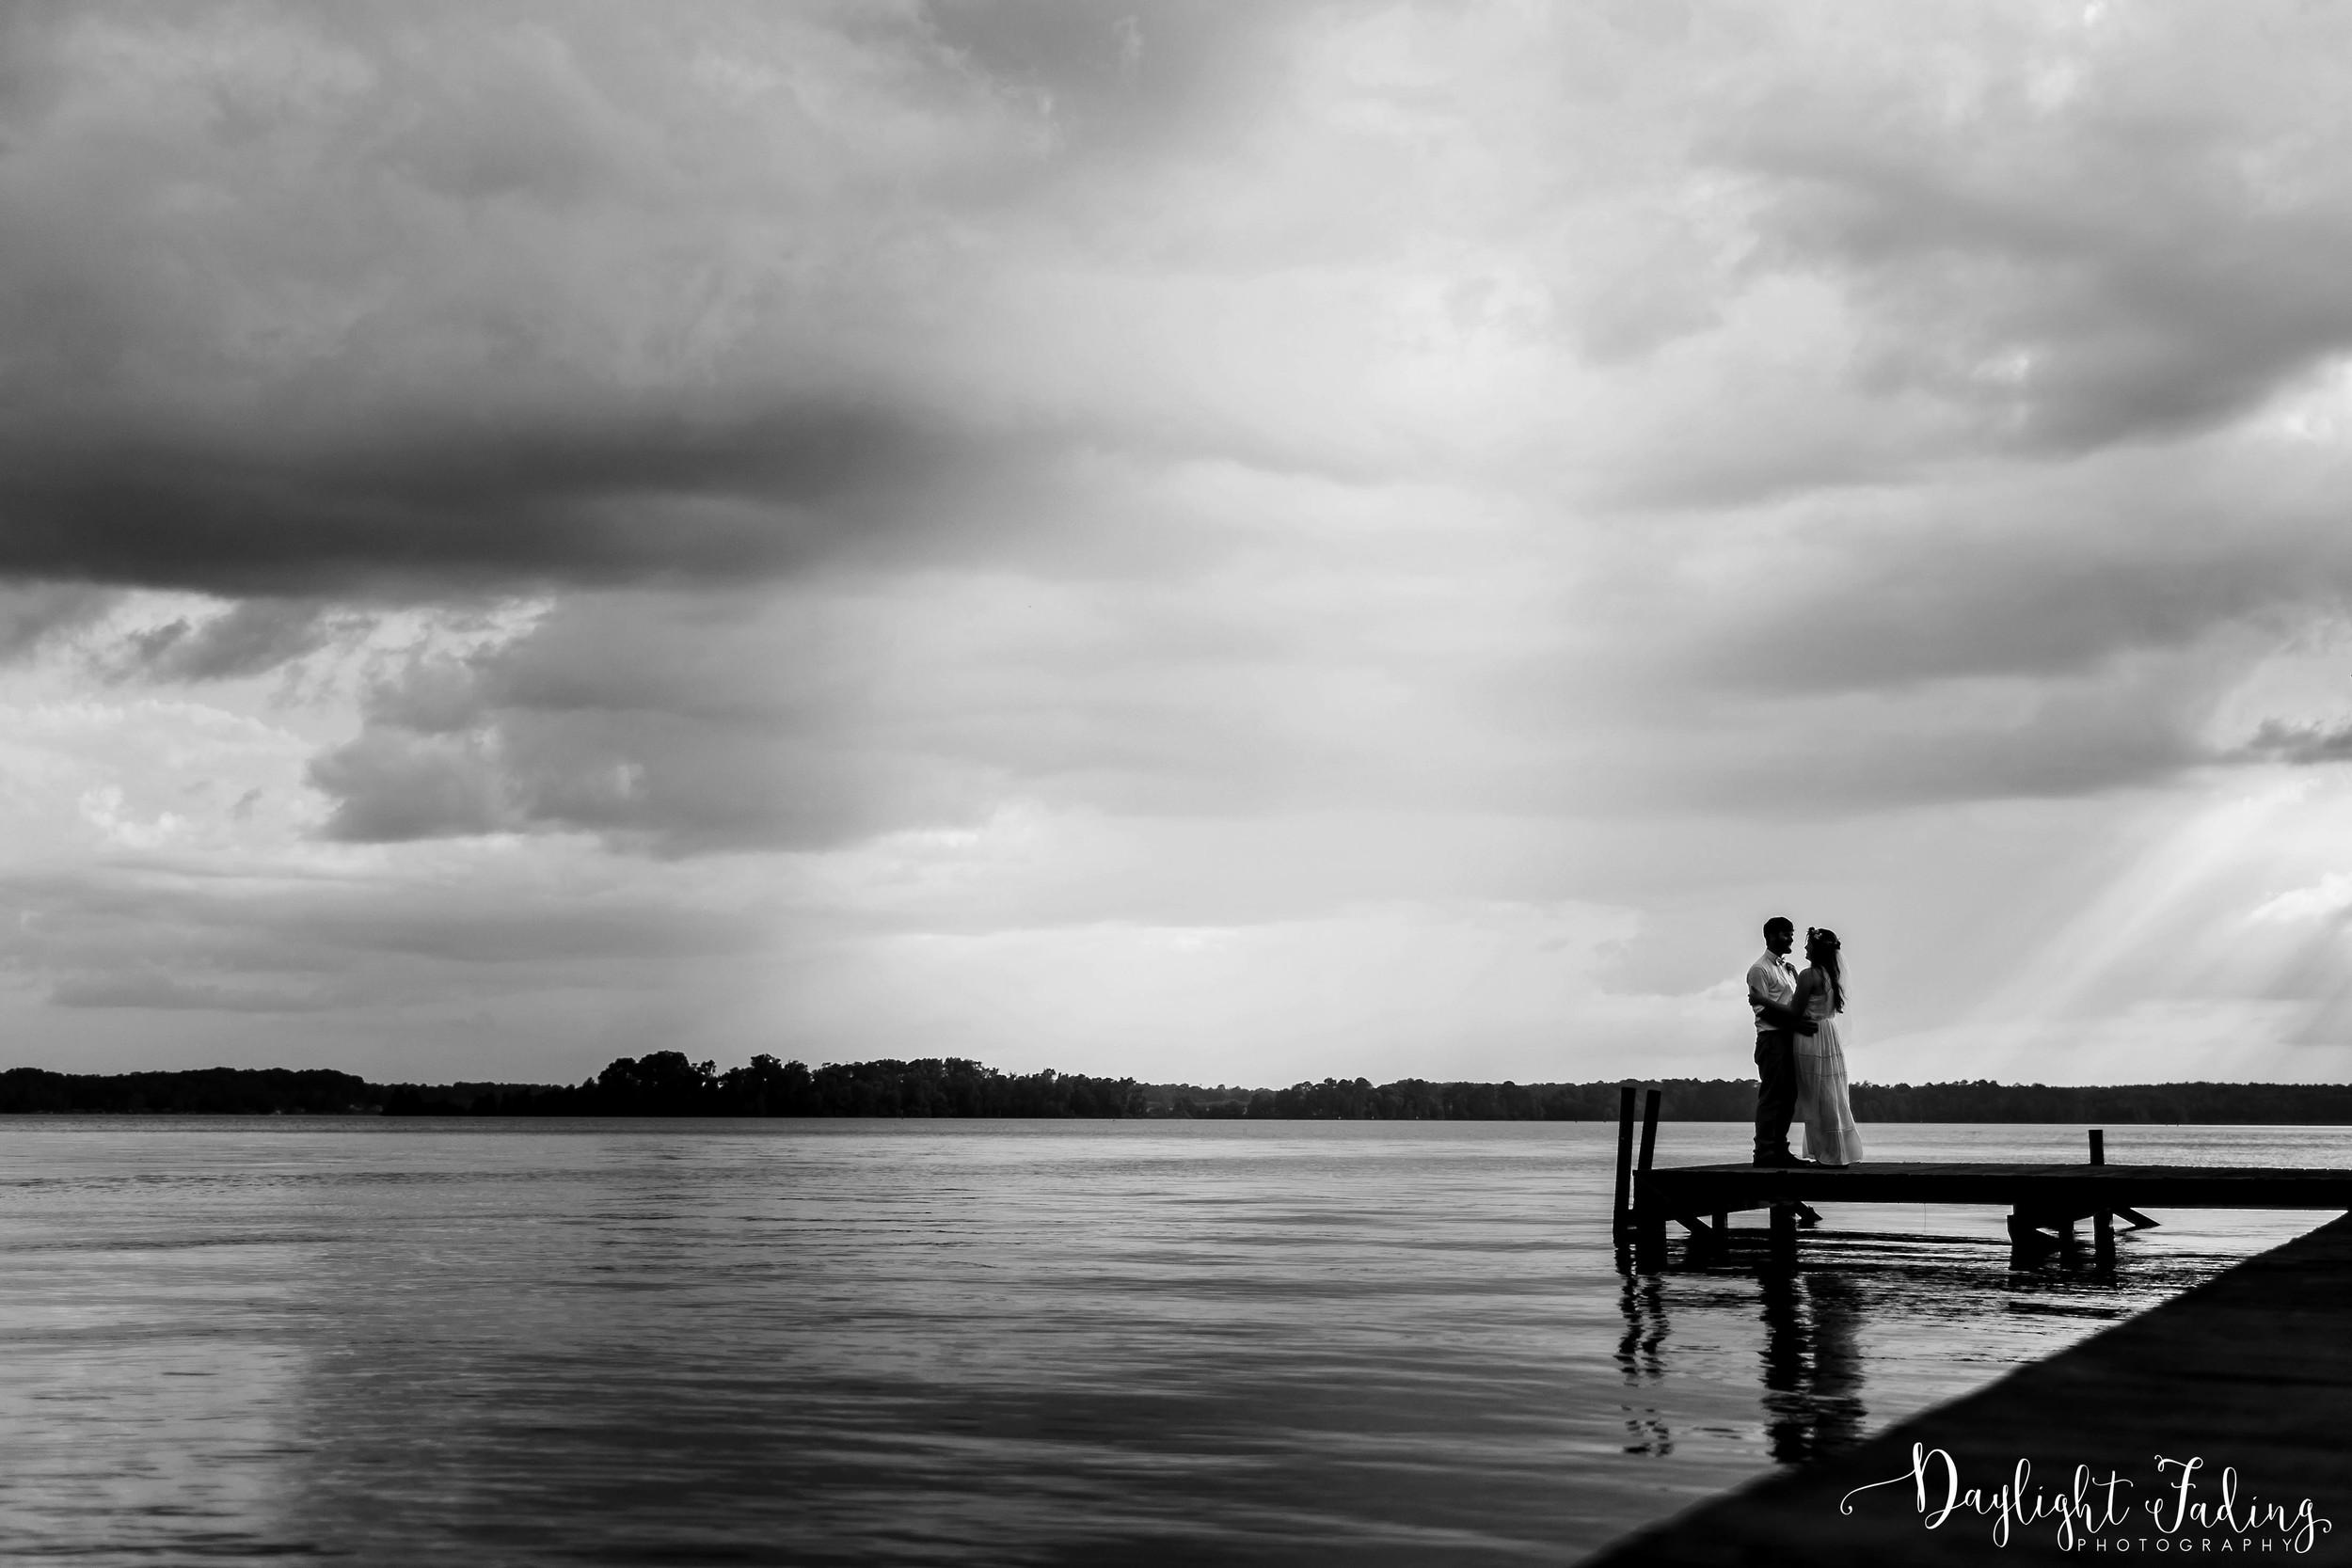 Summer wedding on Lake Claiborne in Northwest Louisiana - daylightfadingphotography.com